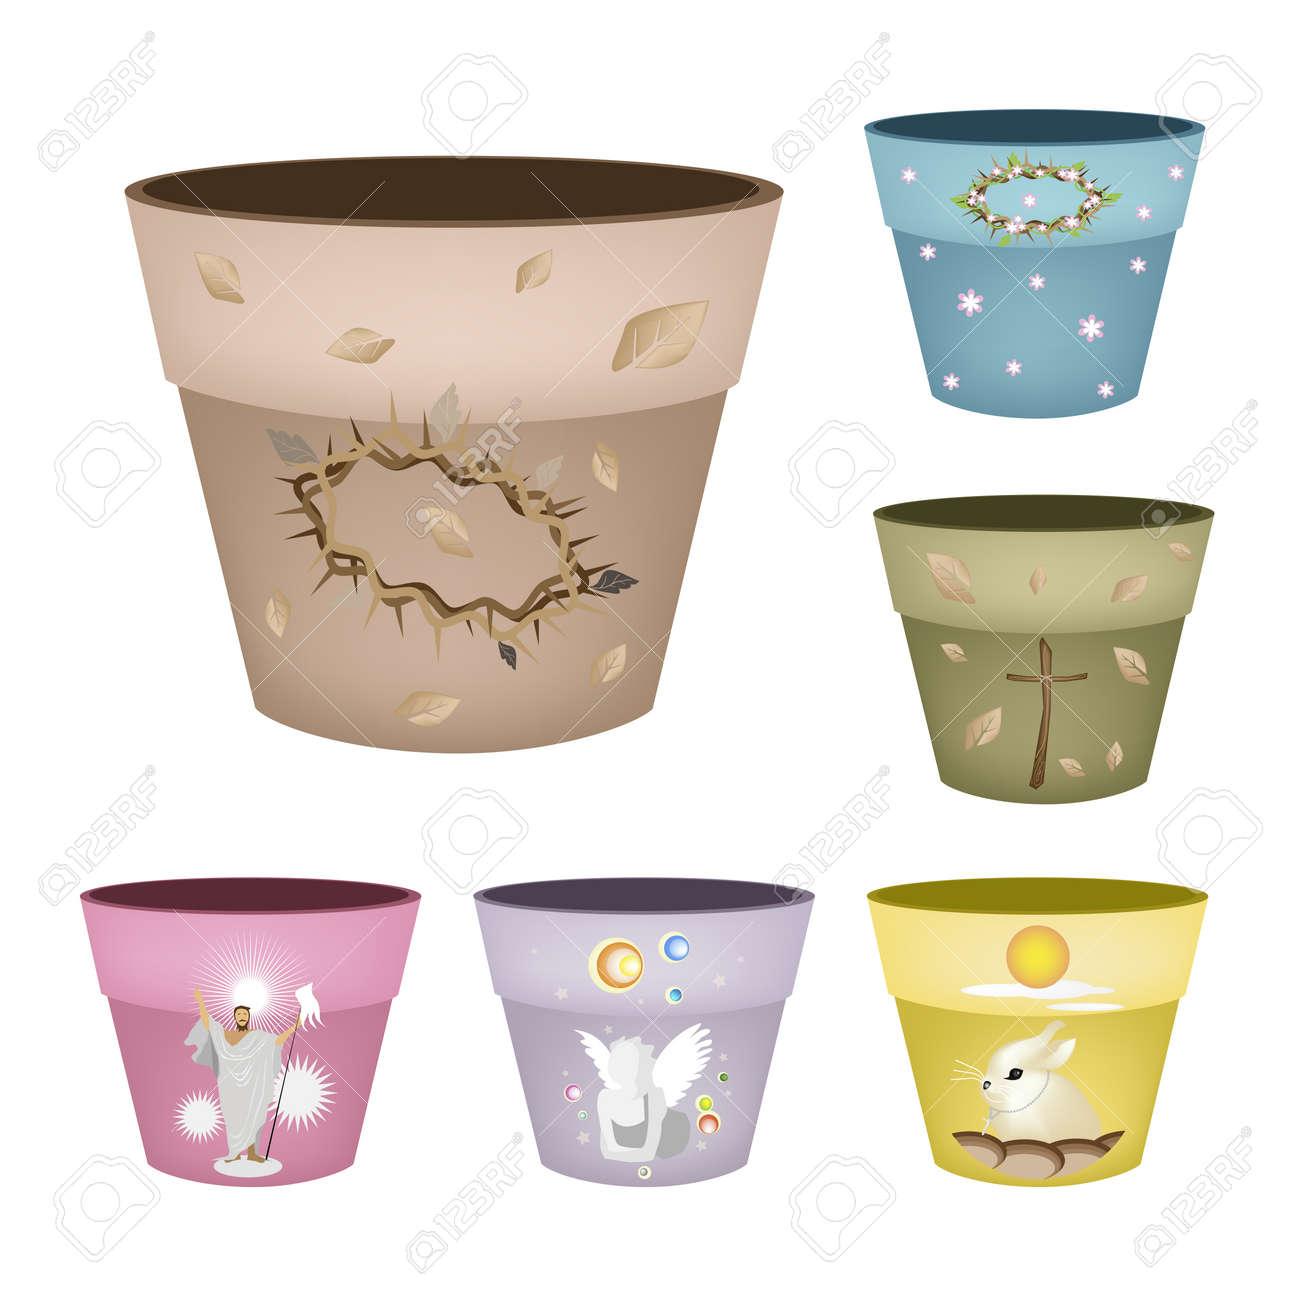 Decorative Flower Pots Clip Art